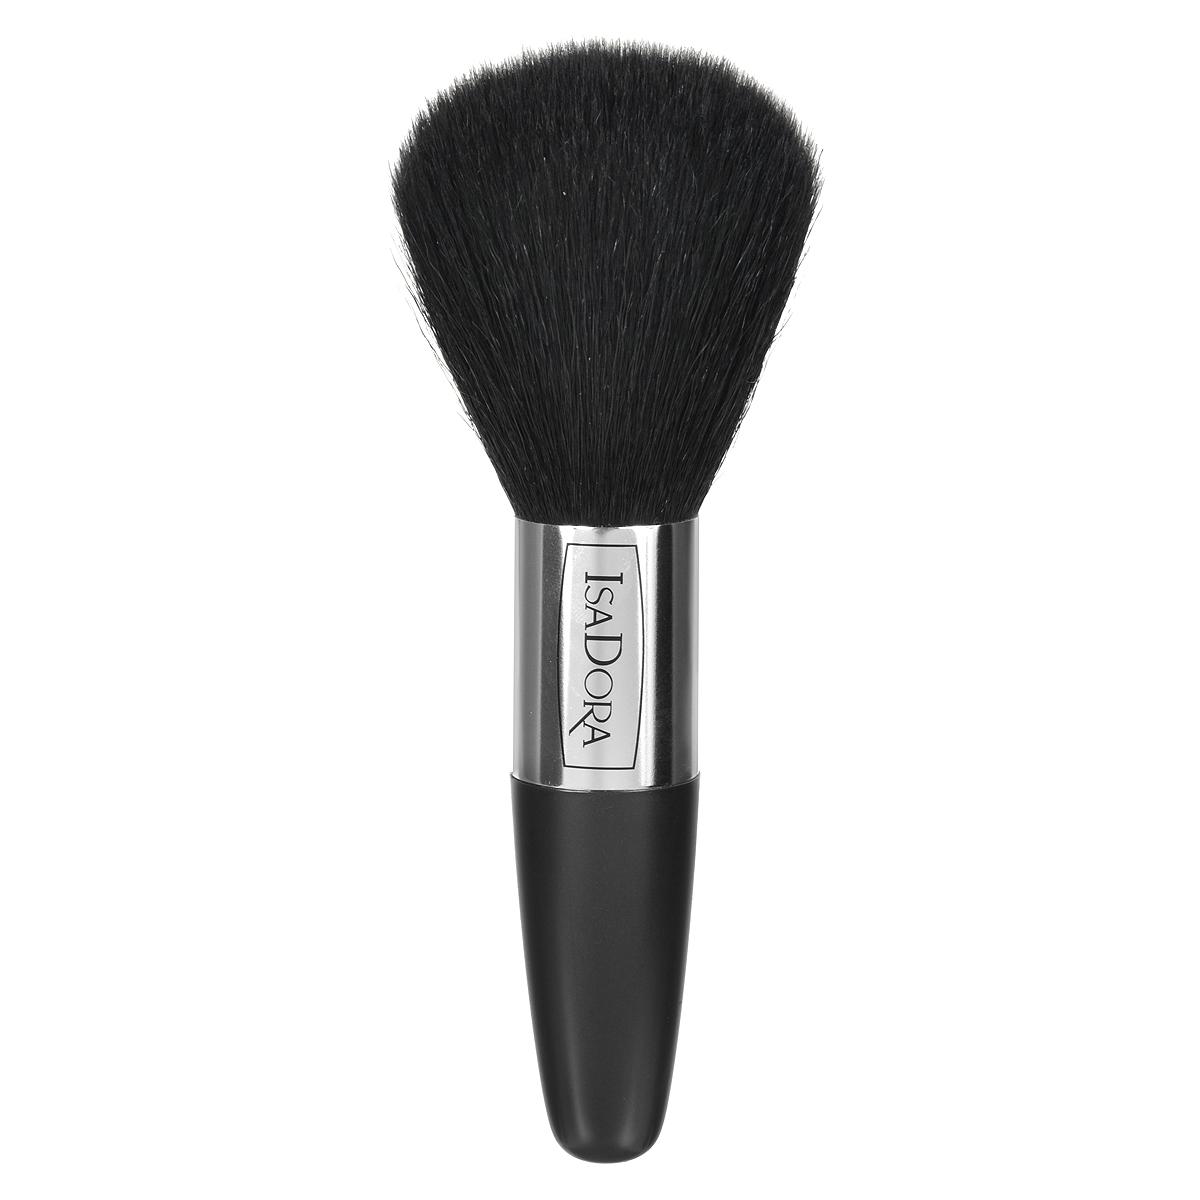 Isa Dora Кисть для бронзирующей пудры Bronzing Powder Brush119246Кисть Isa Dora Bronzing Powder Brush - большая, округлой формы с удобной толстой ручкой, подходит для нанесения компактной и рассыпчатой пудры. Кисть позволяет корректировать макияж в течение дня, обеспечивает безупречное распределение пудры на коже, комфортное, аккуратное и равномерное нанесение. Кисть изготовлена из 100% натурального ворса, стерилизованного в процессе производства. Основная поверхность кисти имеет округлую форму, каждый волосок скруглен и не повреждает нежную кожу лица. Ручка кисти сделана из высококачественного пластика. Товар сертифицирован.